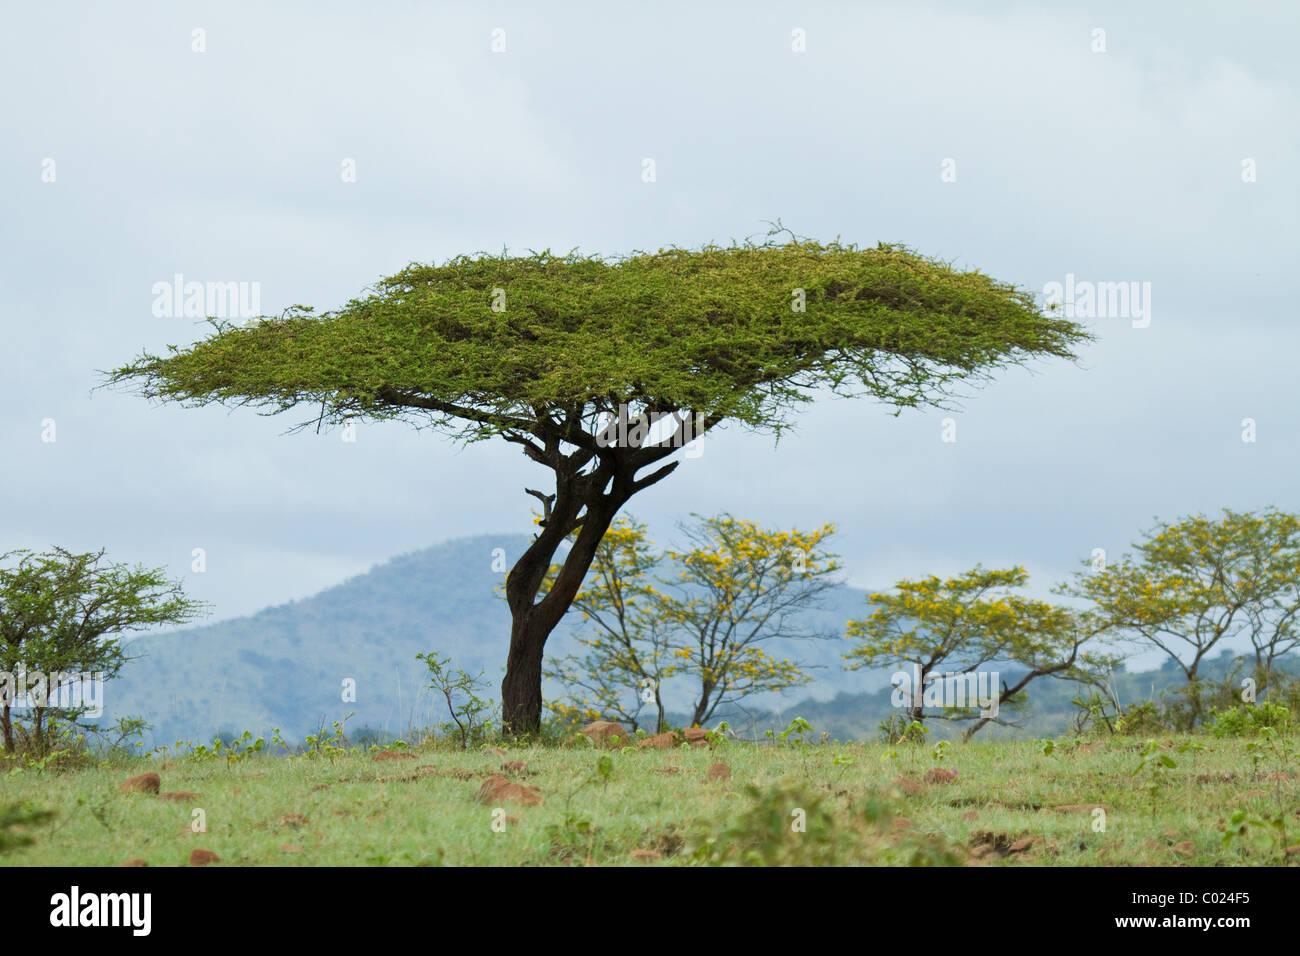 Landscape acacia tree in Hluhluwe-iMfolozi Park - Stock Image